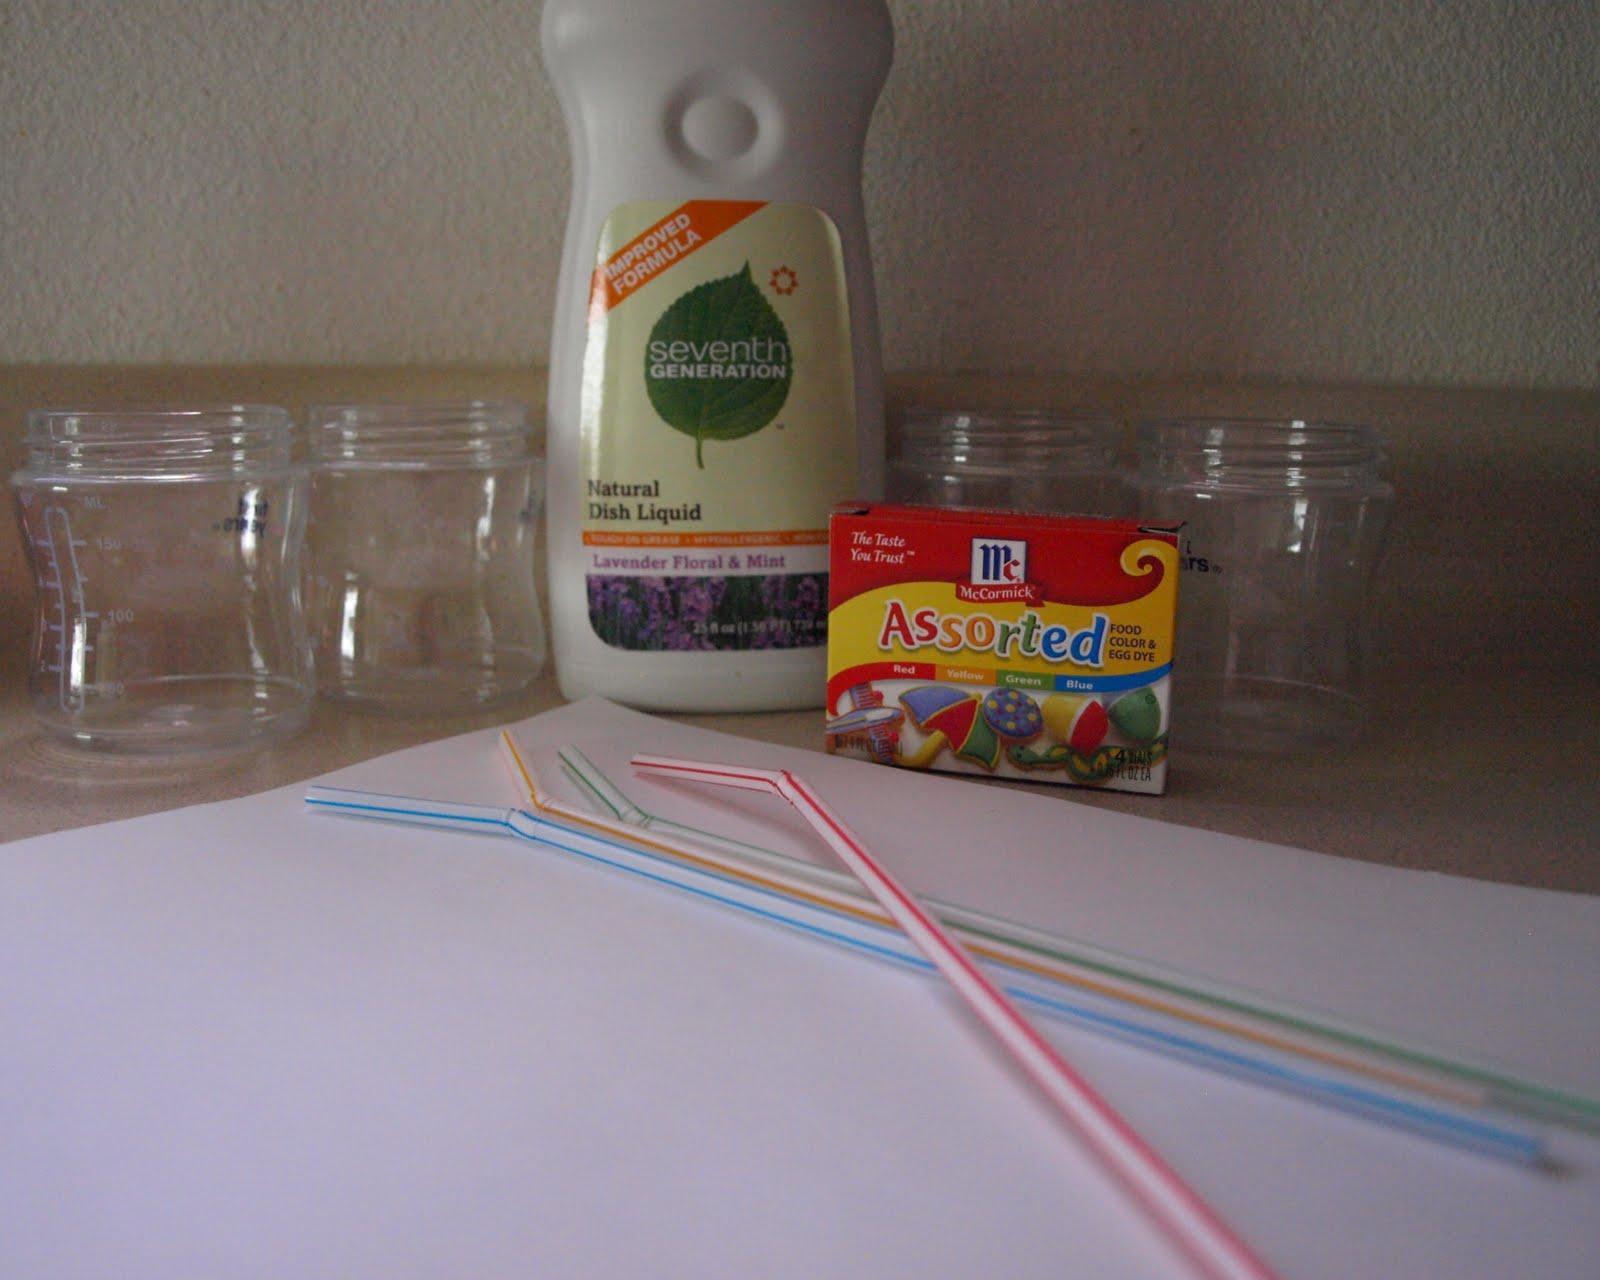 http://4.bp.blogspot.com/_fLVvH9LT_5o/TFc57eSpIEI/AAAAAAAAAvk/tpCObSIq7hc/s1600/fabric+flwr+bubbles+blog+066.JPG